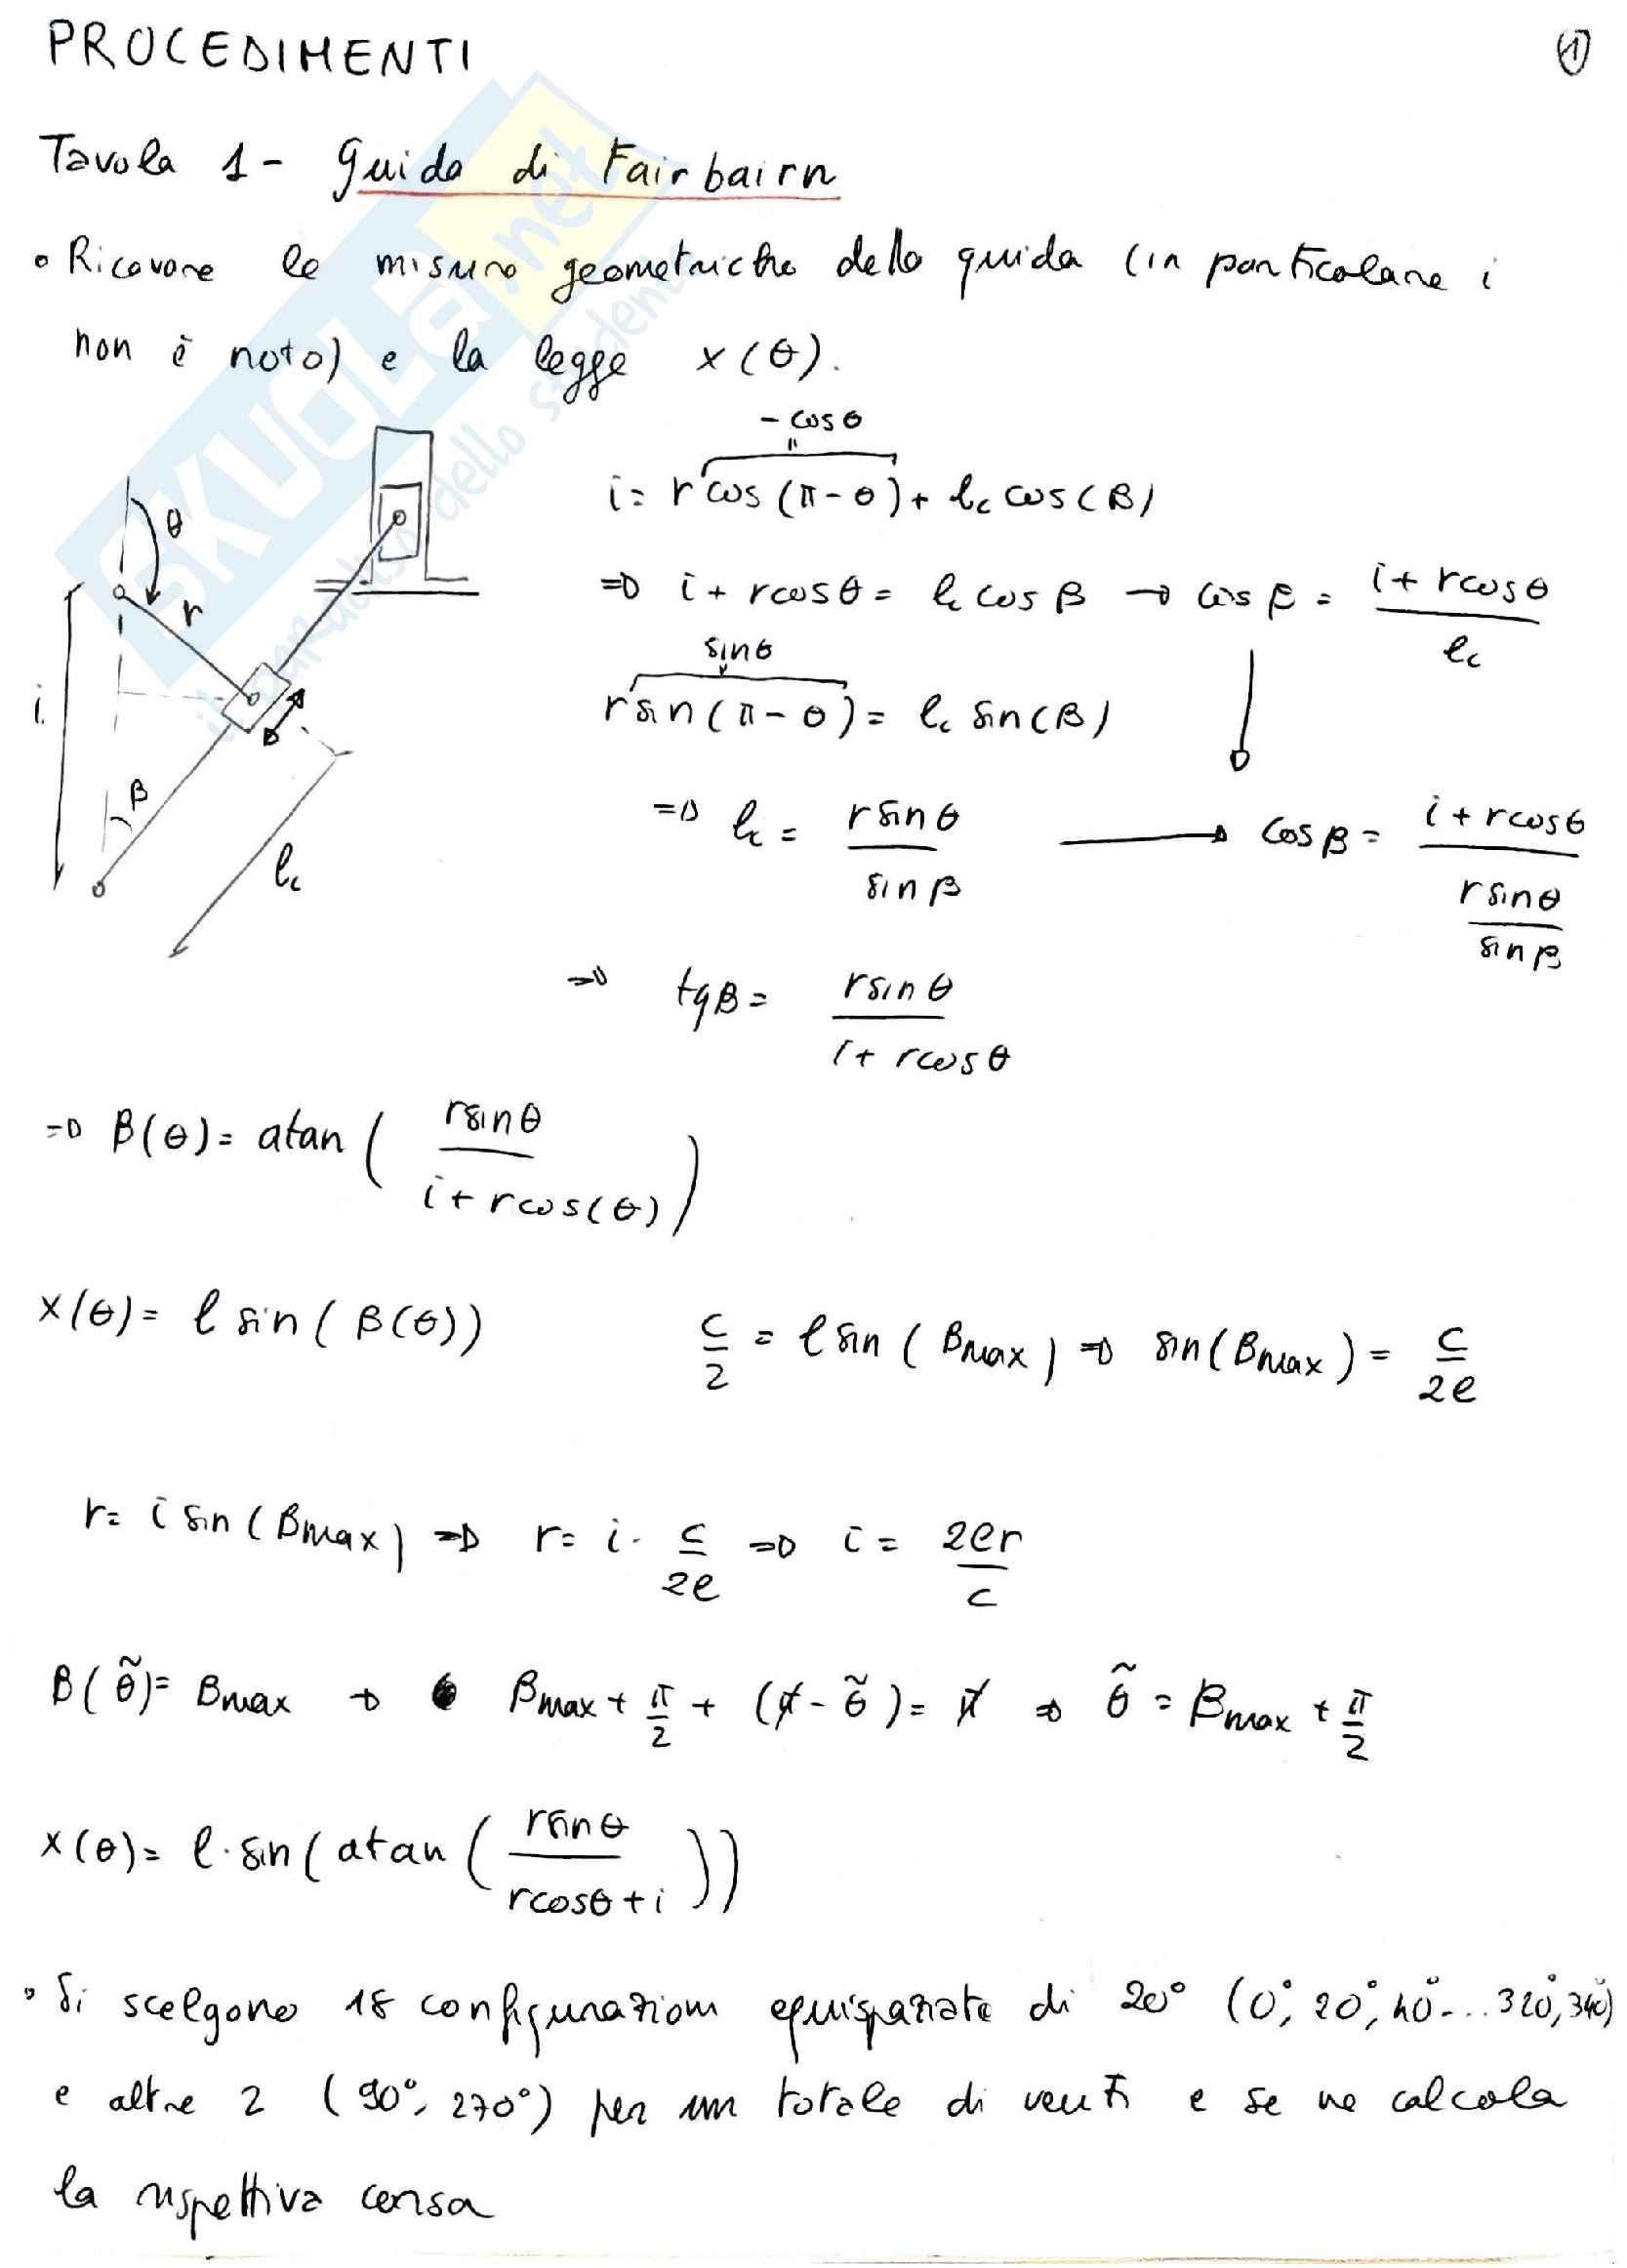 Procedimenti schematici per le tavole di Laboratorio di Meccanica Applicata alle Macchine